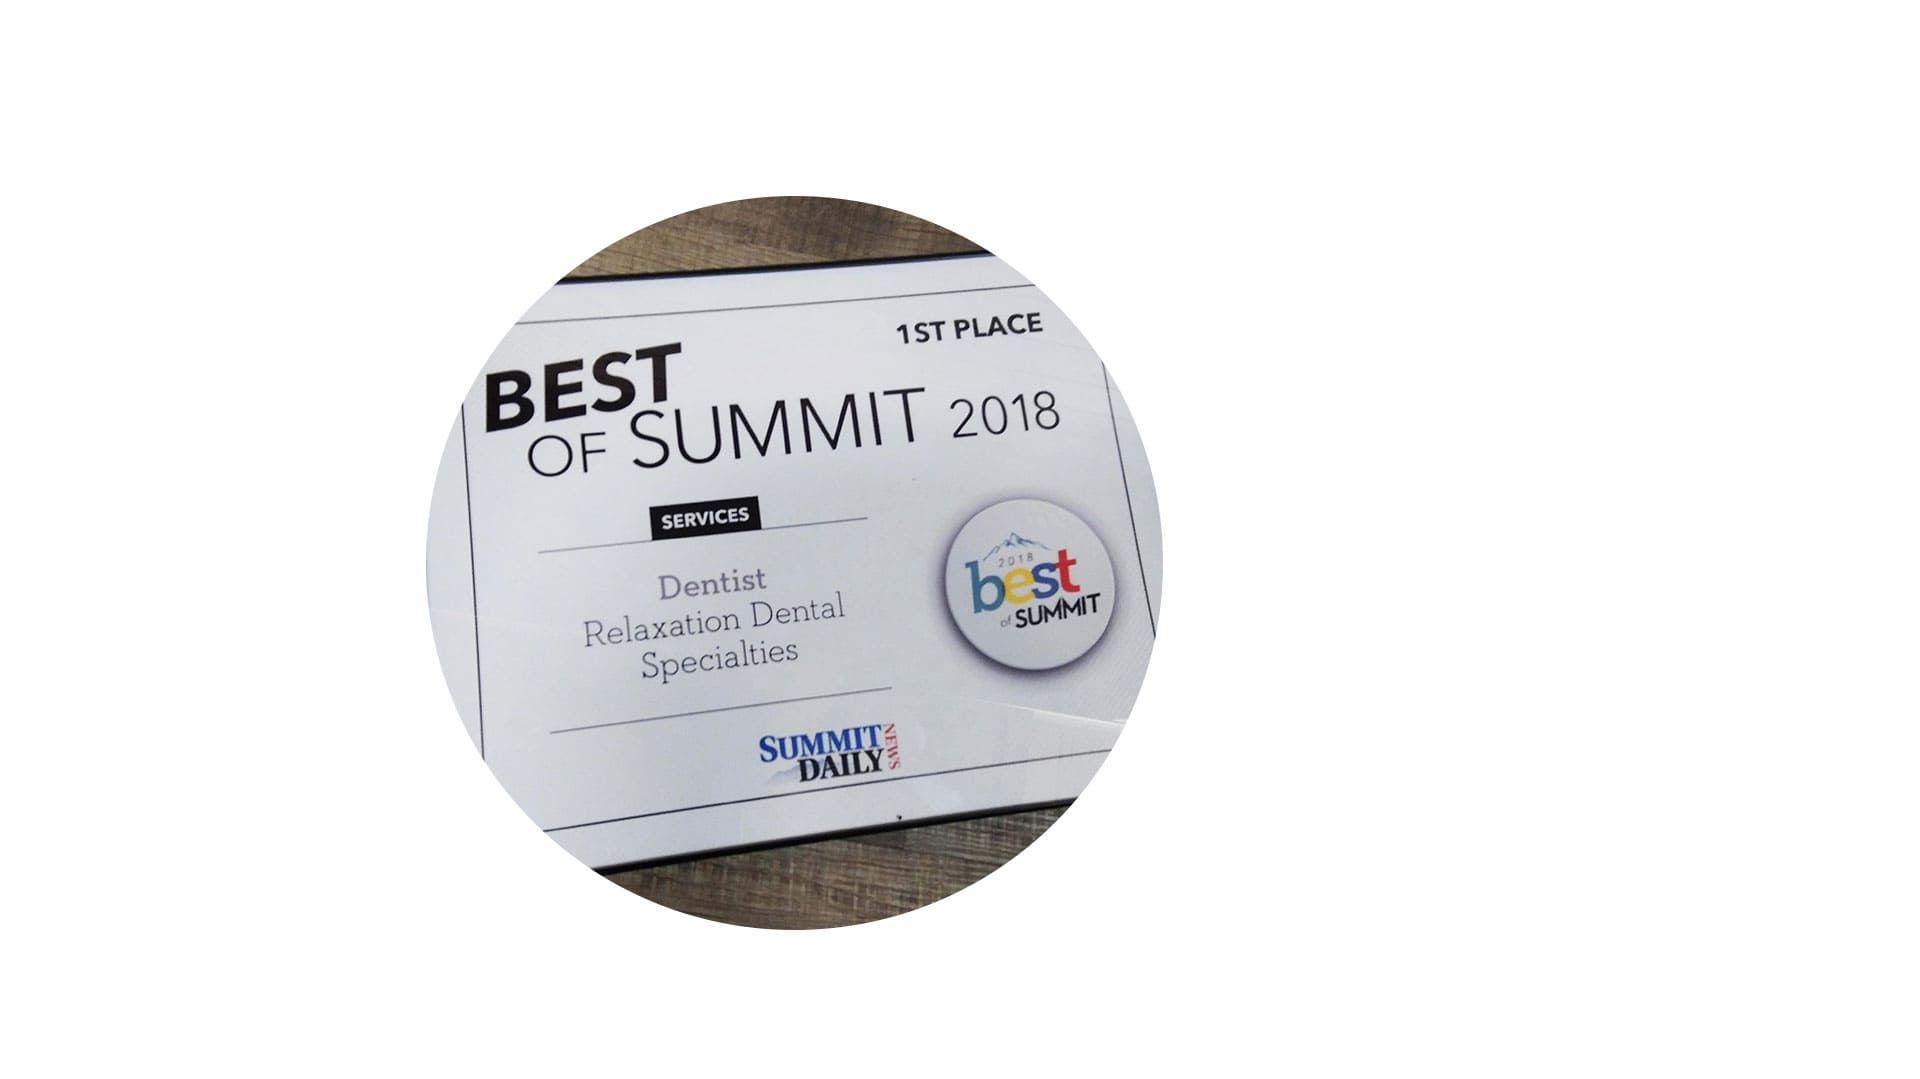 Best of Summit